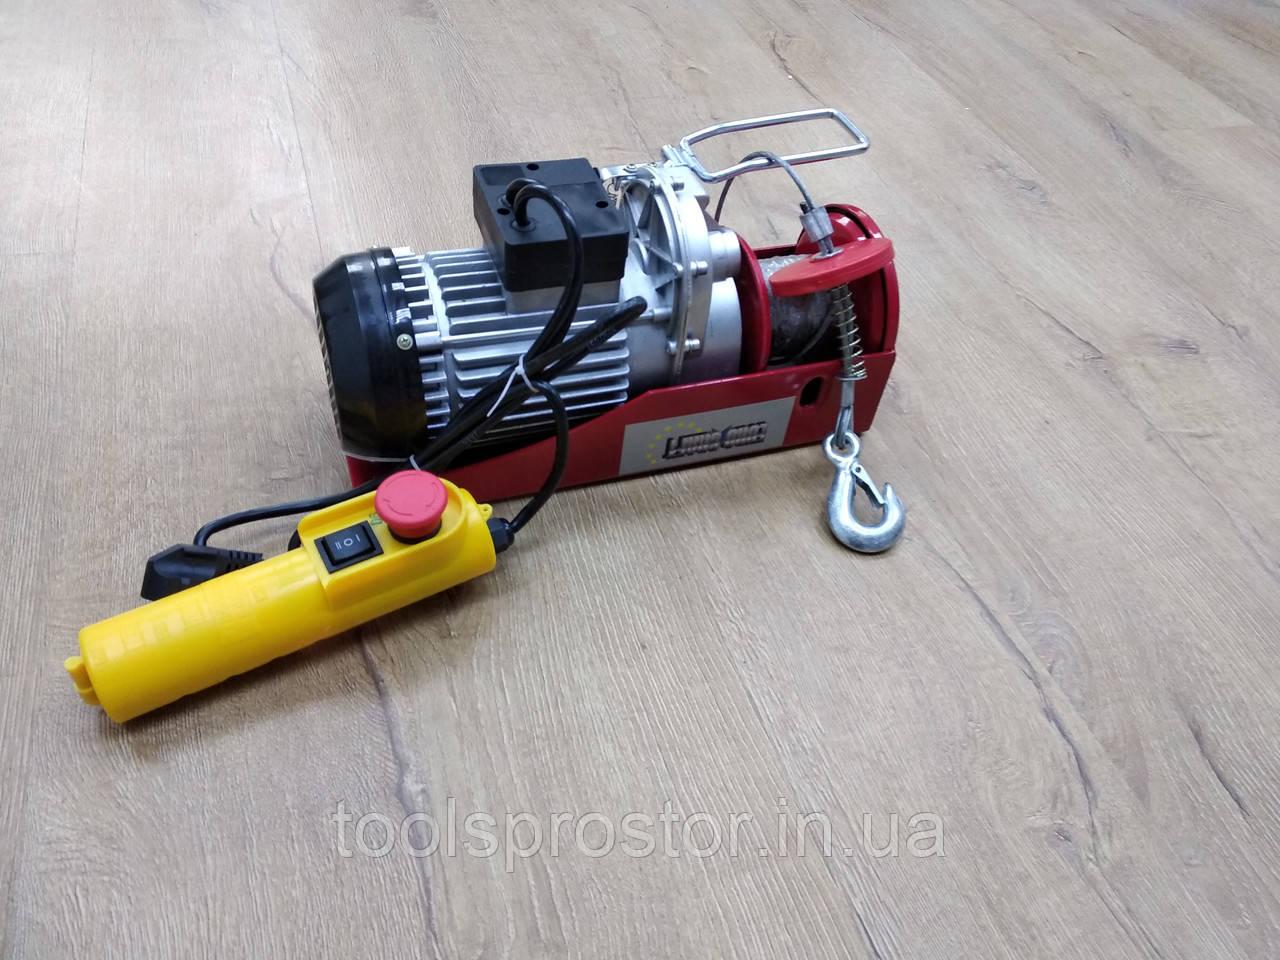 Таль электрическая Euro Craft HJ206 : 3000W | 300 кг / 600 кг | Польща